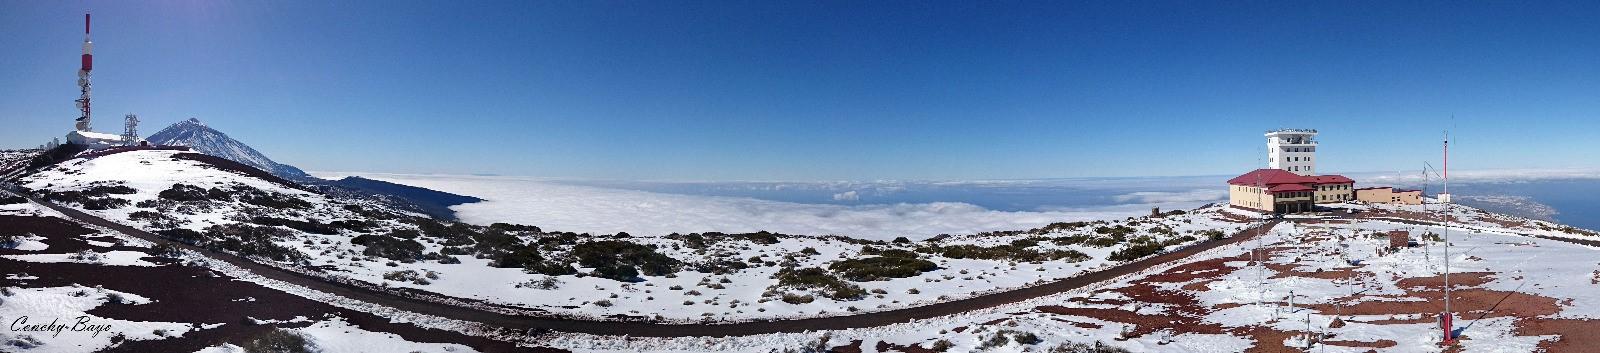 Observatorio de Vigilancia Atmosférica Global del Teide, o de Izaña, en Canarias. Imagen: Miteco